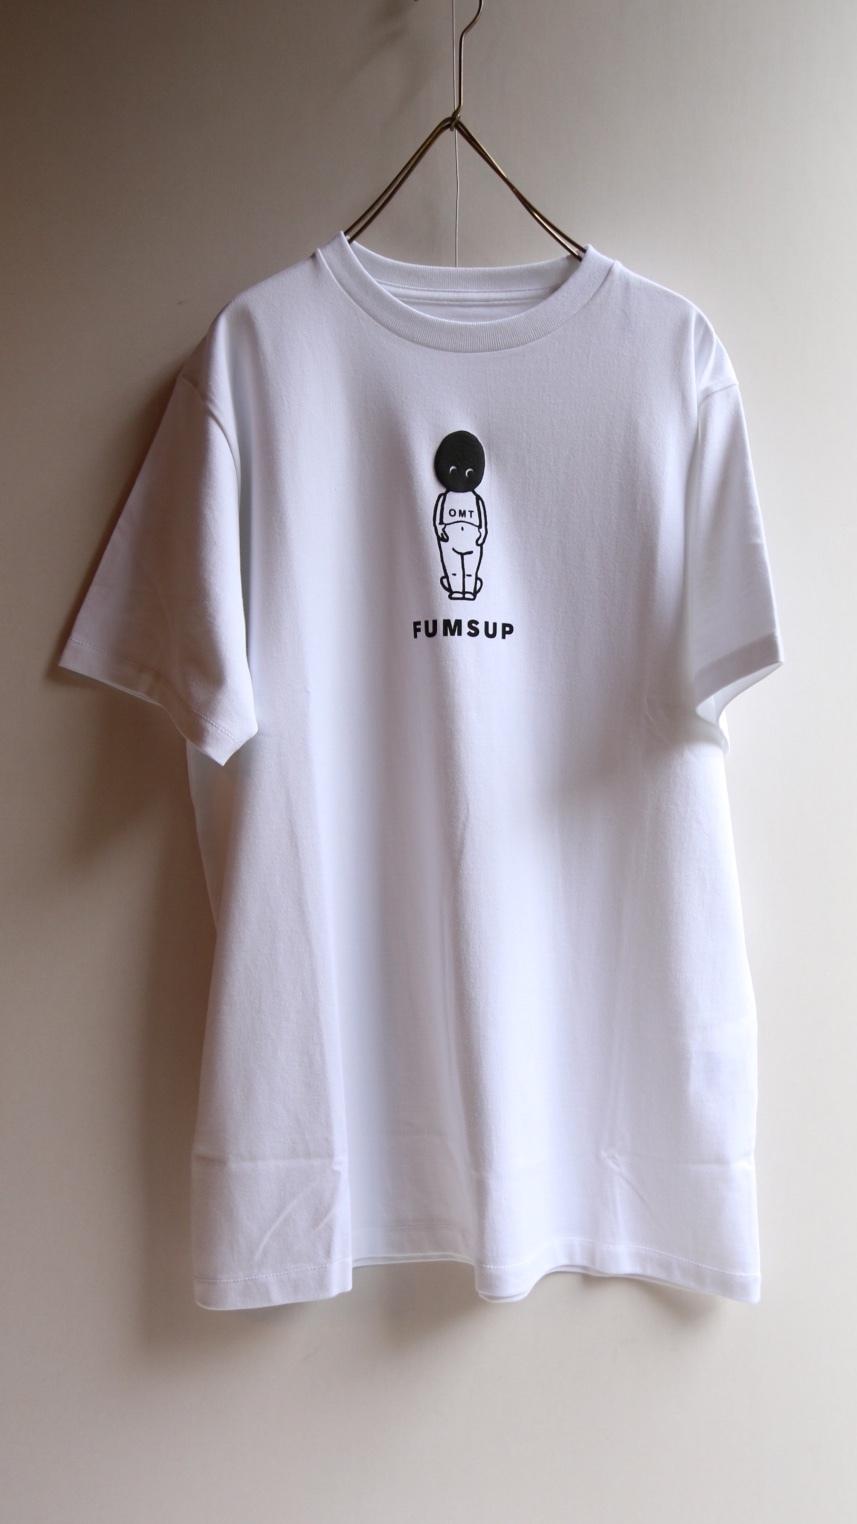 OLDMAN'S TAILOR/オールドマンズテーラー  FUMSUP Tシャツ #OMT-SS198 メンズ【お問い合わせ商品】